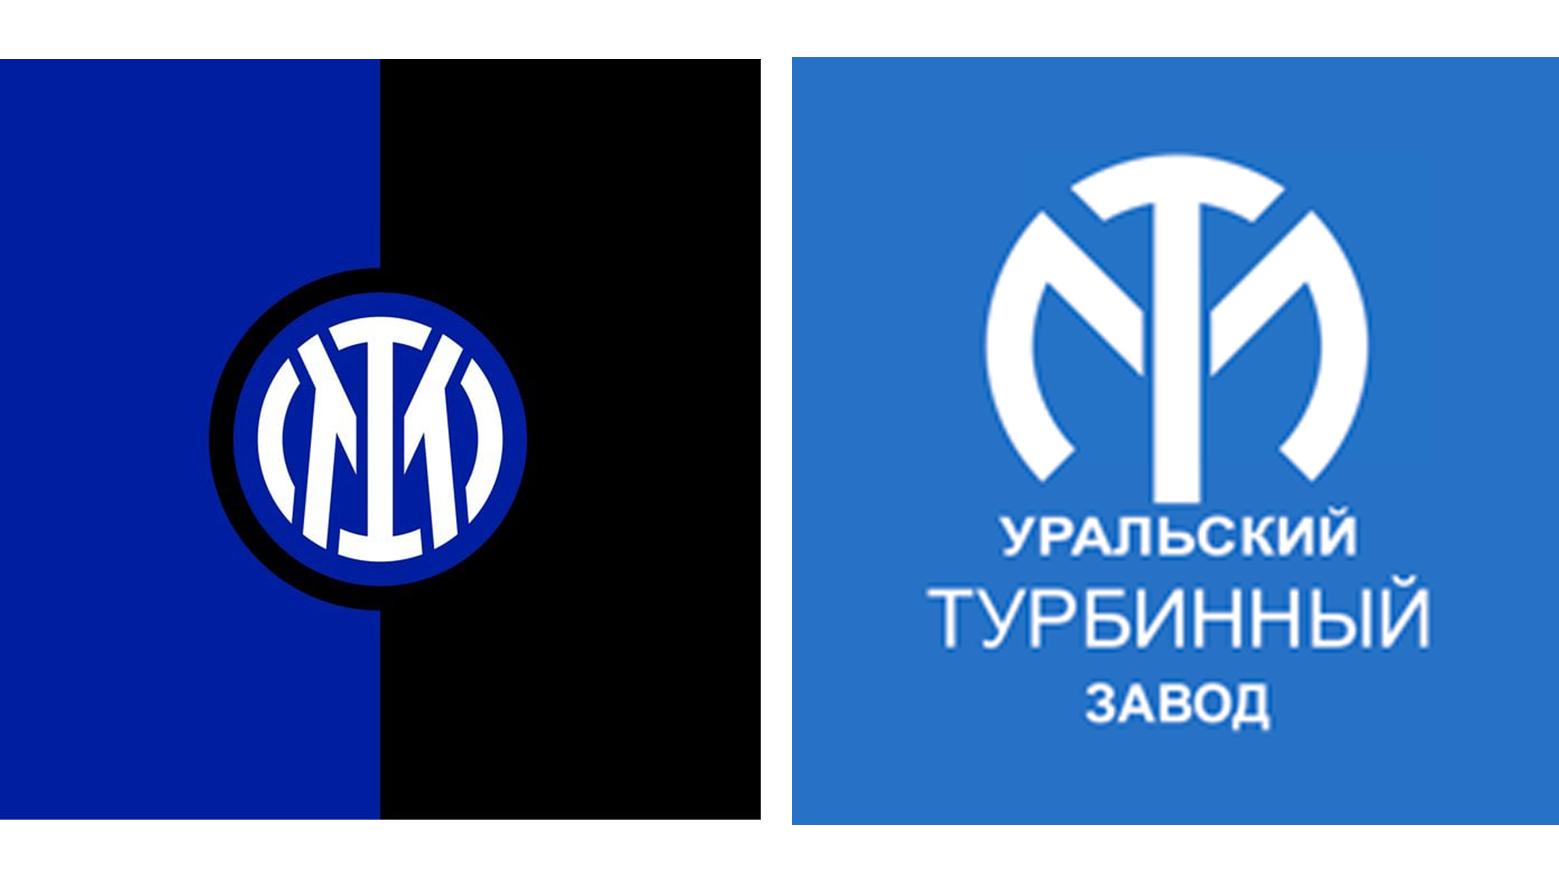 """Фото © twitter.com / Inter, © АО """"Уральский турбинный завод"""""""